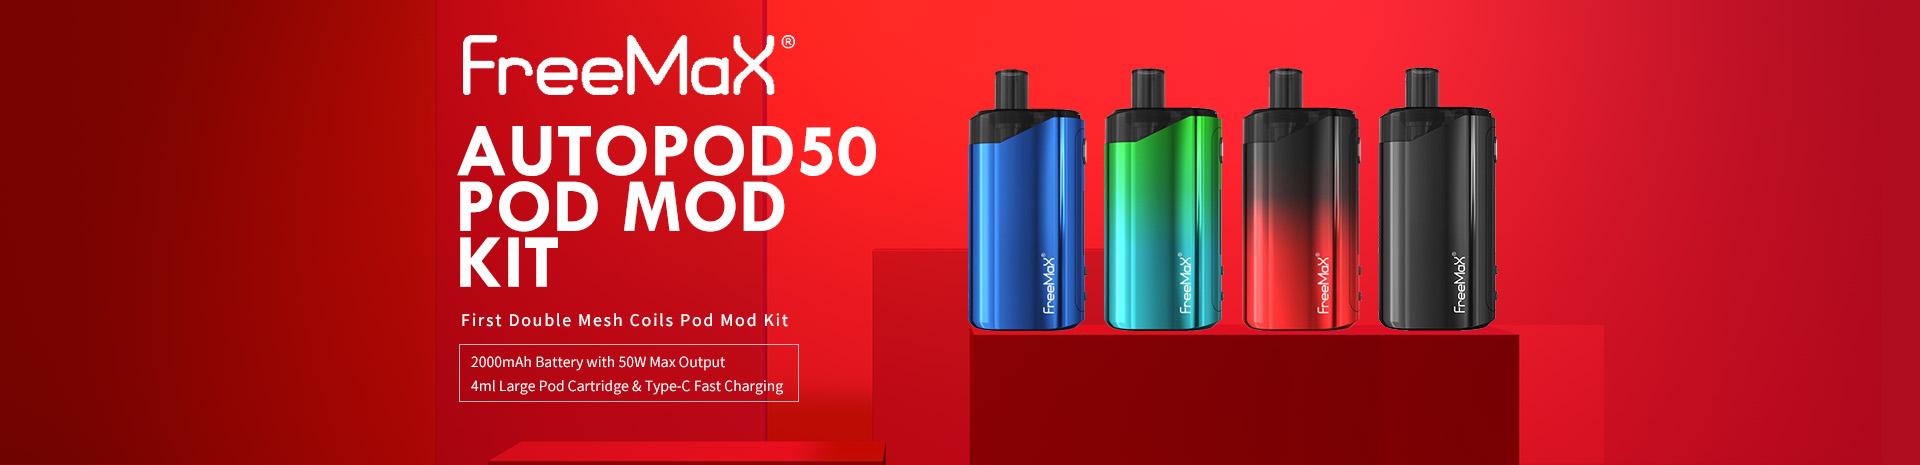 Freemax Autopod50 Pod Mod Kit Banner